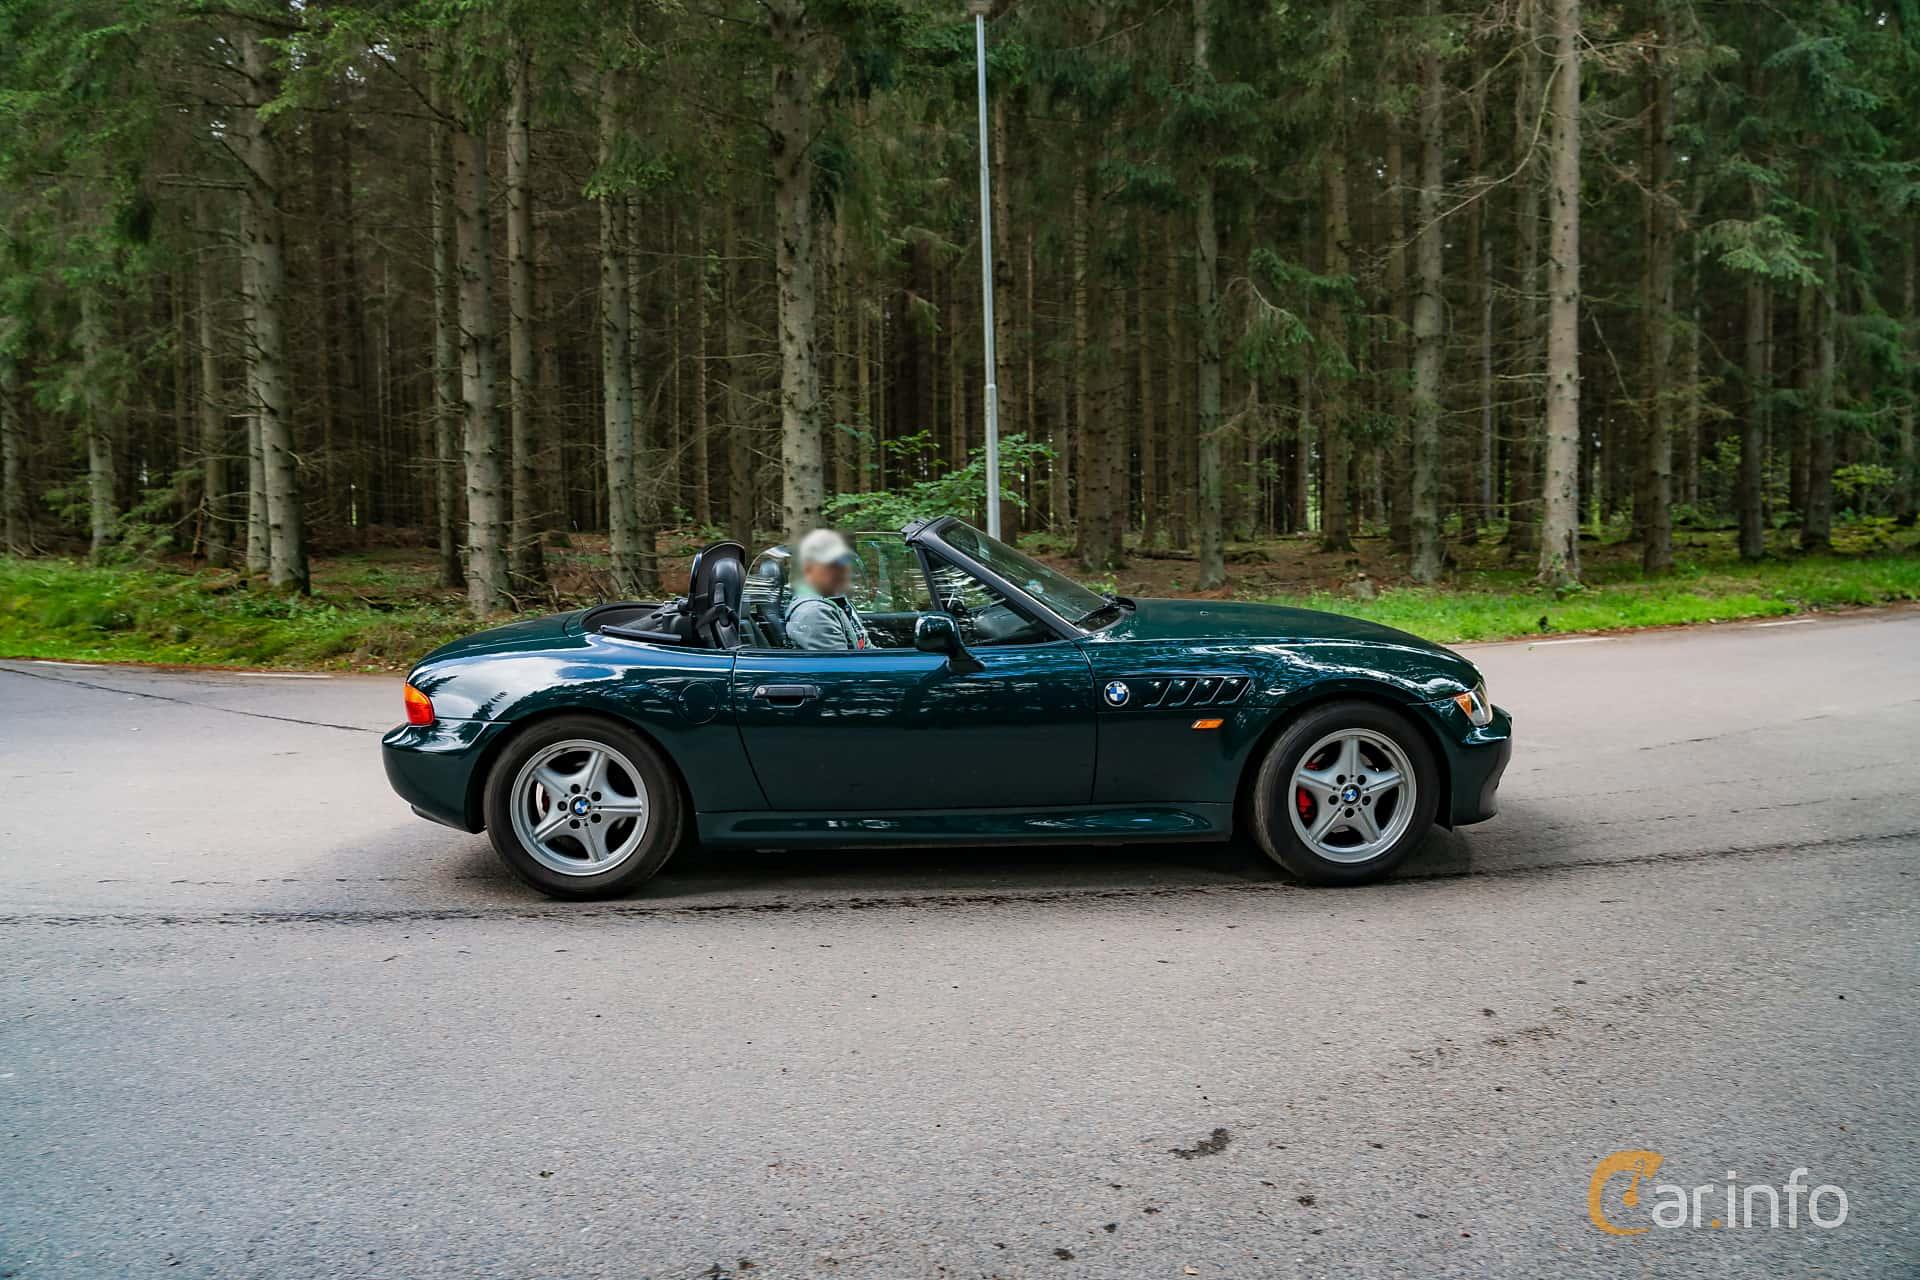 Side  of BMW Z3 1.9 Roadster  Manual, 140ps, 1996 at Svenskt sportvagnsmeeting 2019